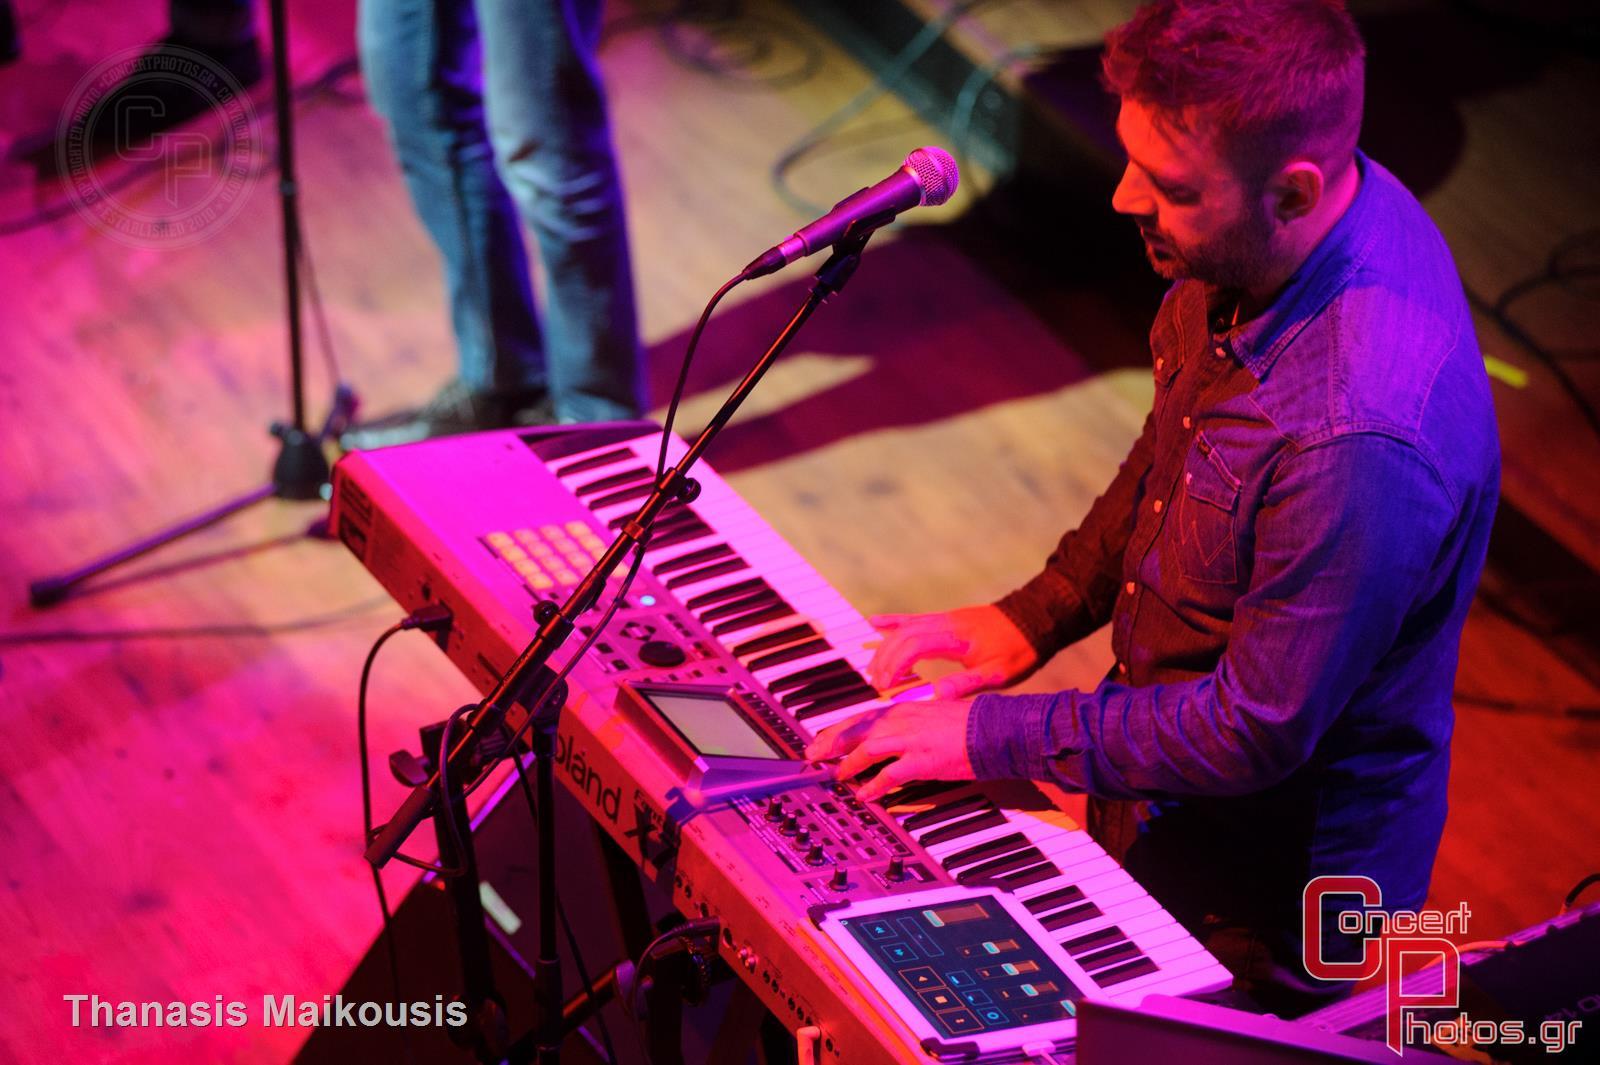 Sebastien Telier & Liebe-Sebastien Telier Liebe photographer: Thanasis Maikousis - concertphotos_20141107_22_48_12